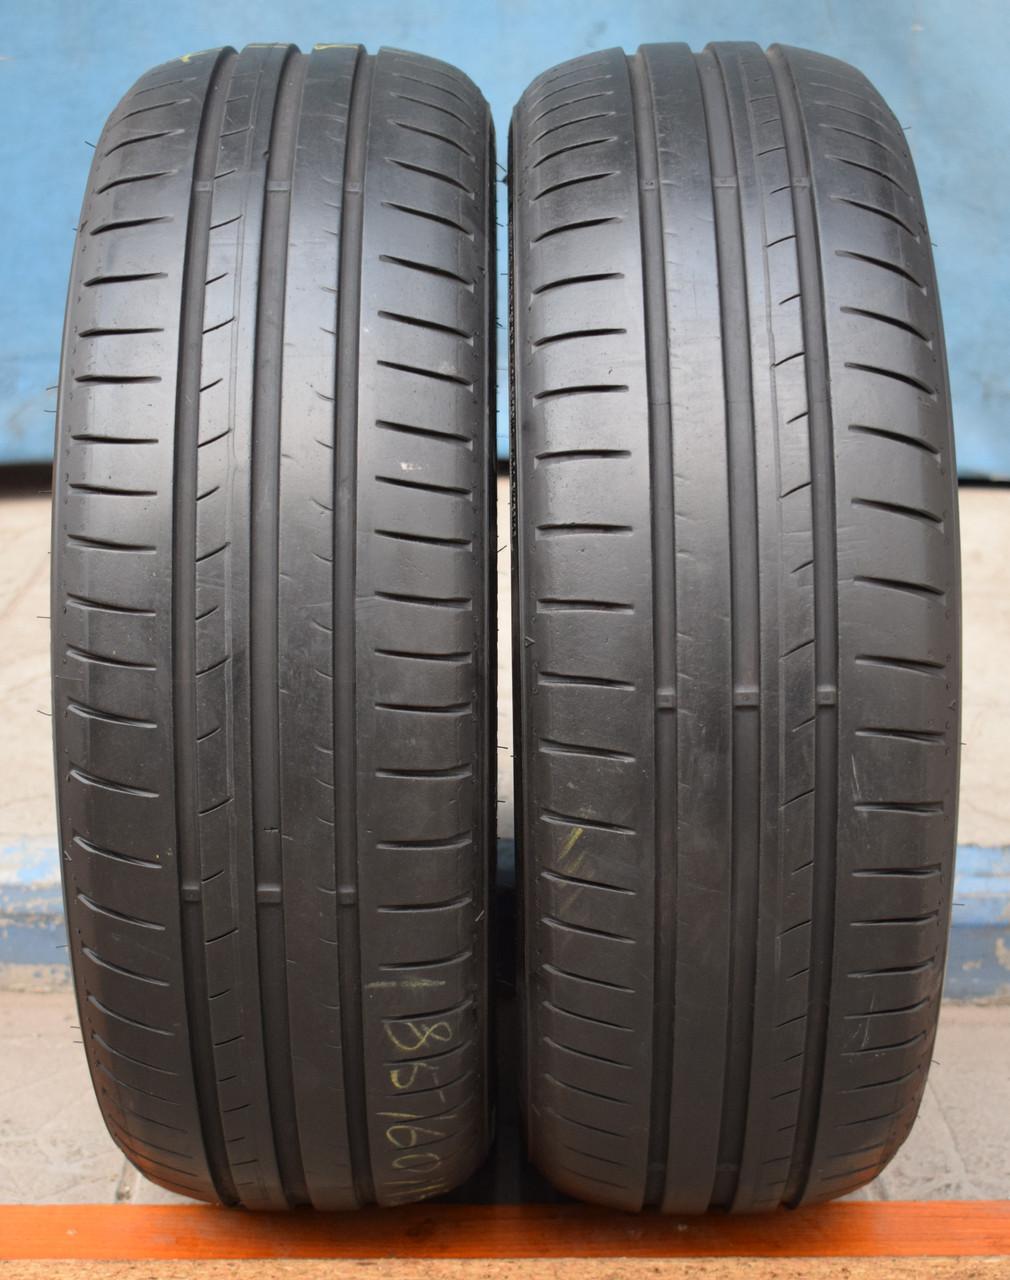 Шины б/у 185/60 R15 Dunlop Sport BluResponse, ЛЕТО, пара, 5,5 мм